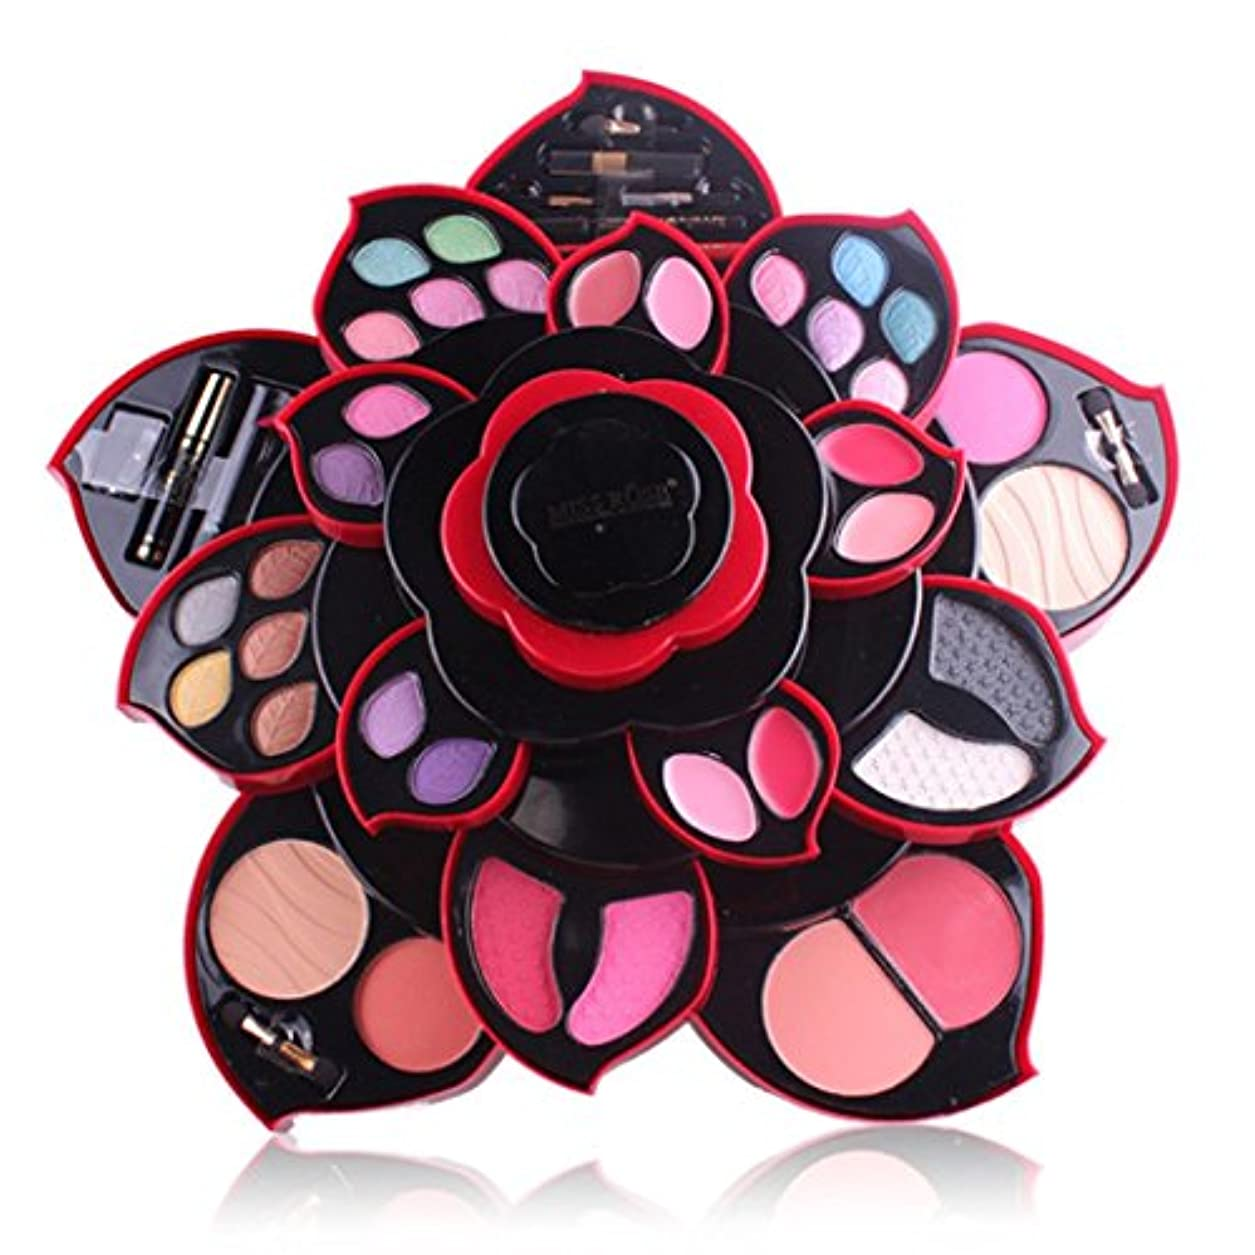 コンプライアンス着実に計り知れないビューティー アイシャドー wwkeiying アイシャドウセット ファッション 23色 梅の花デザイン メイクボックス 回転多機能化粧品 プロ化粧師 メイクの達人 プレゼント (02)